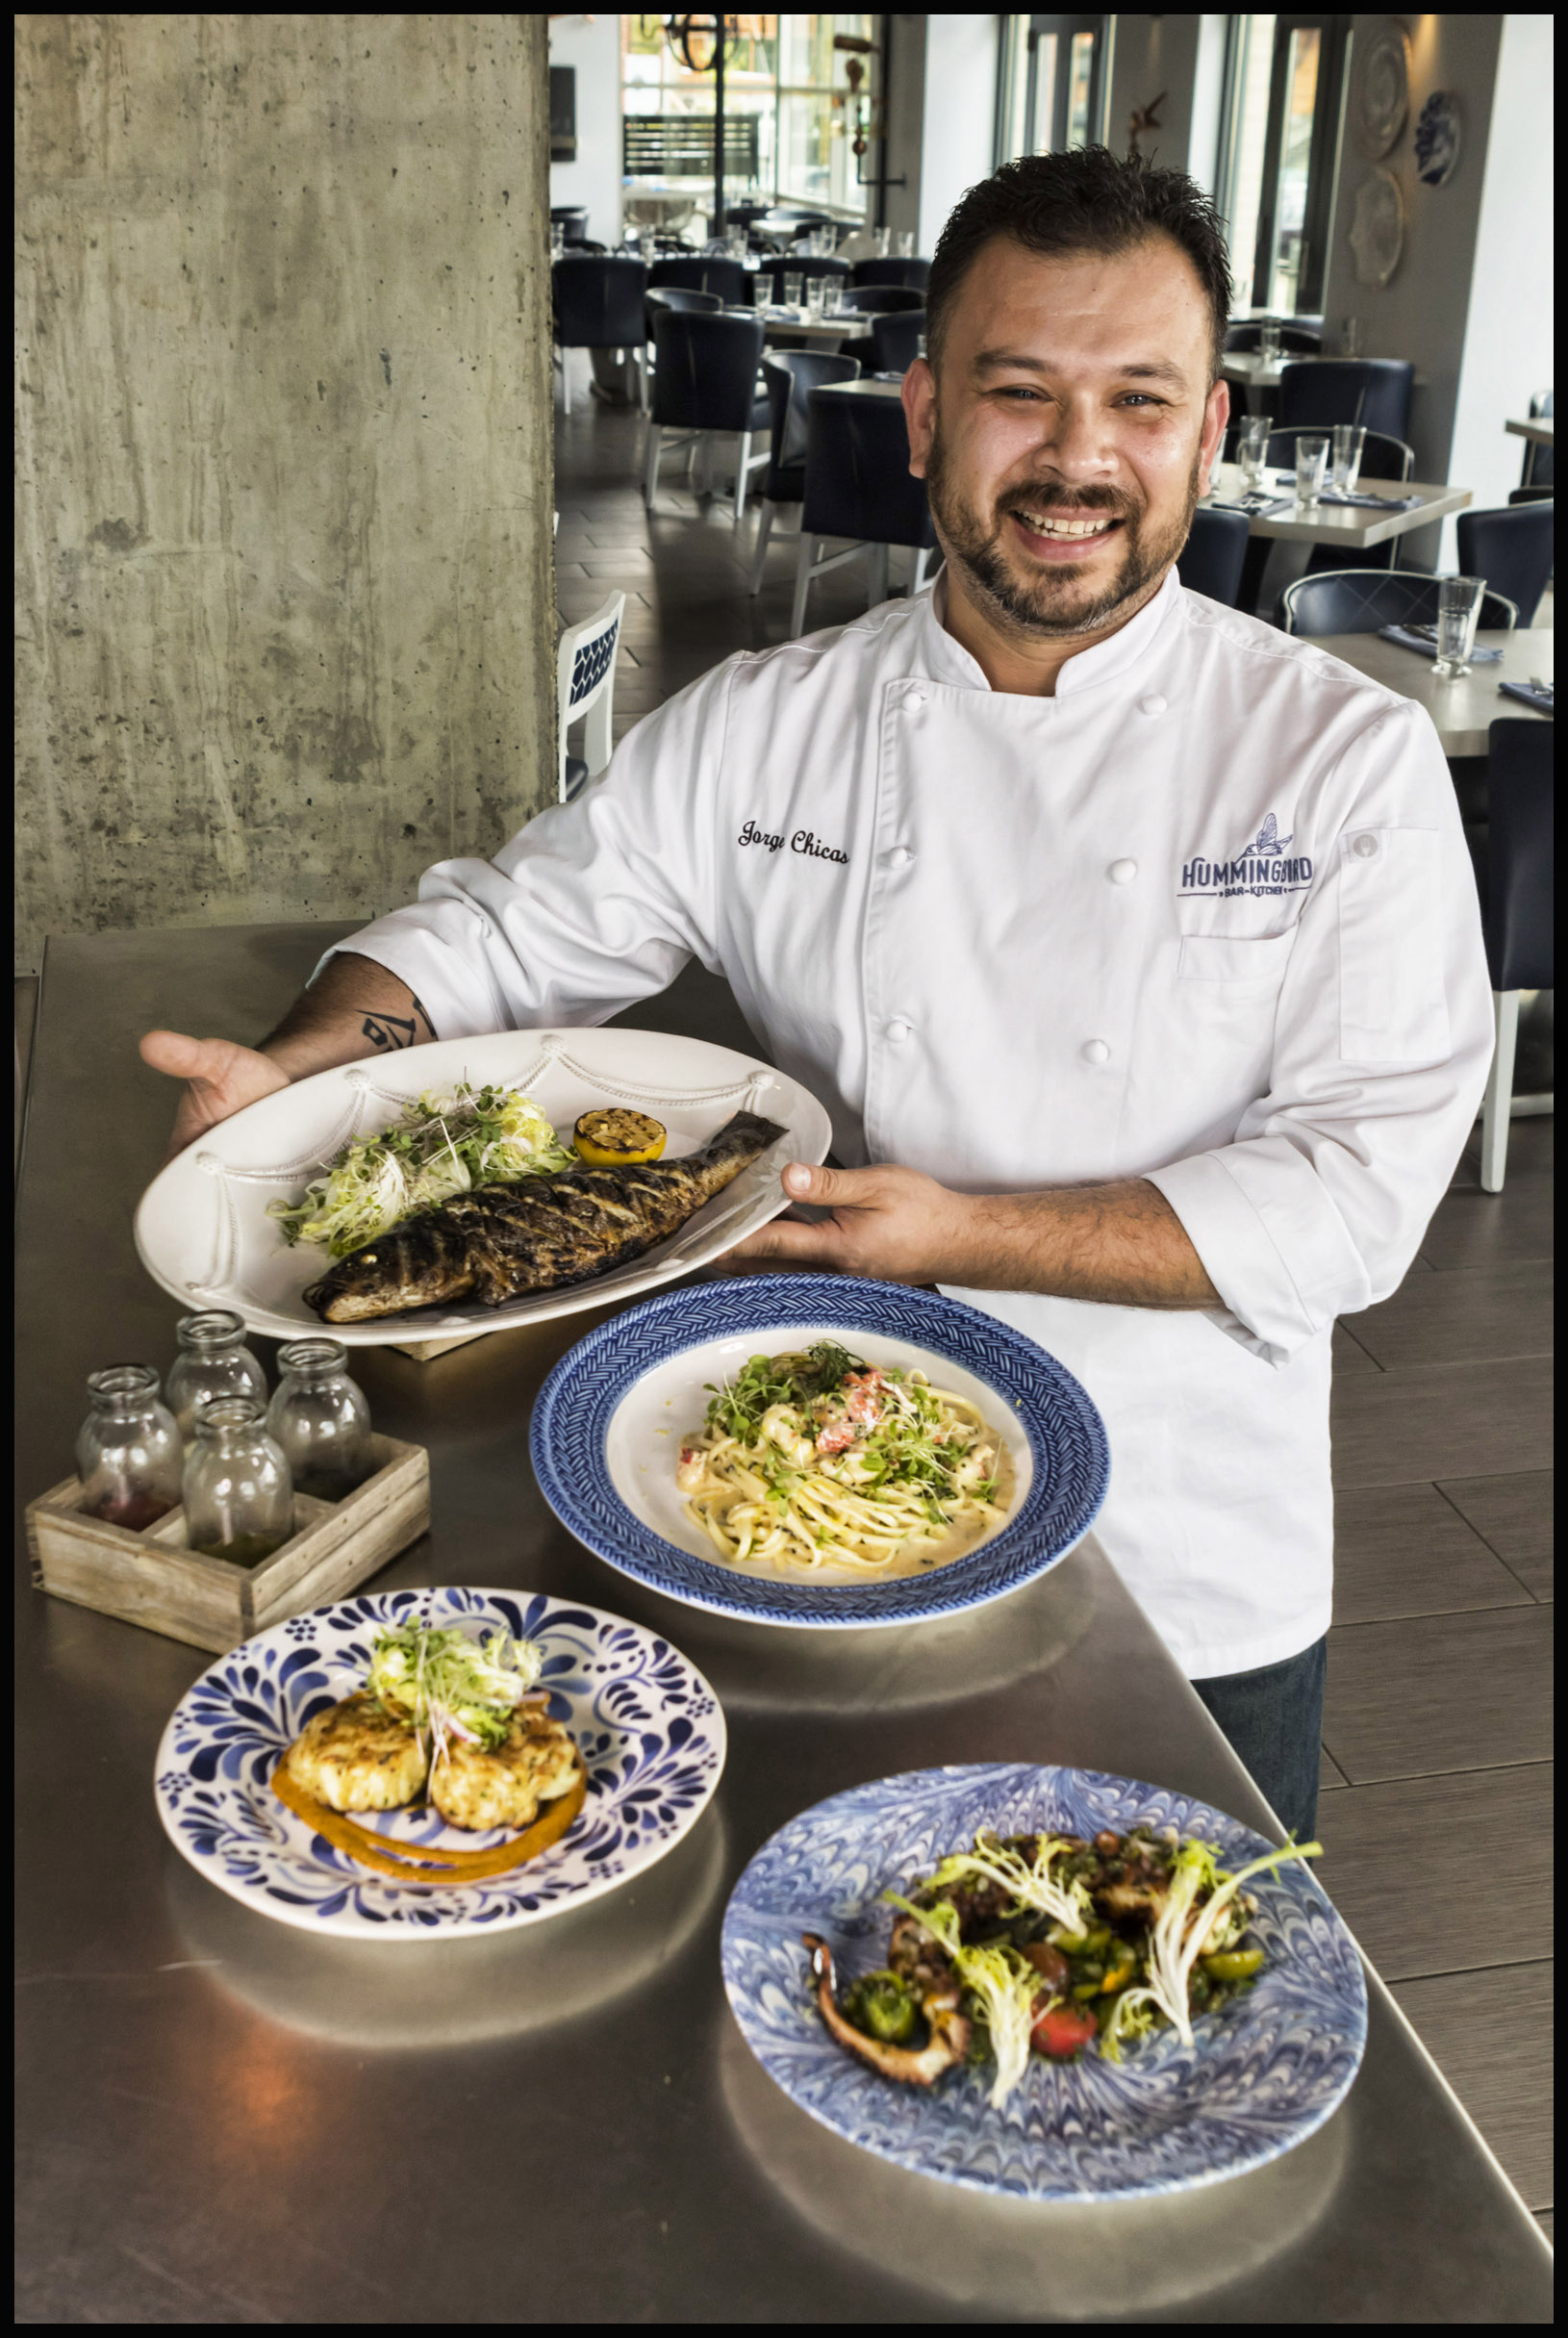 Chef Jorge Chicas